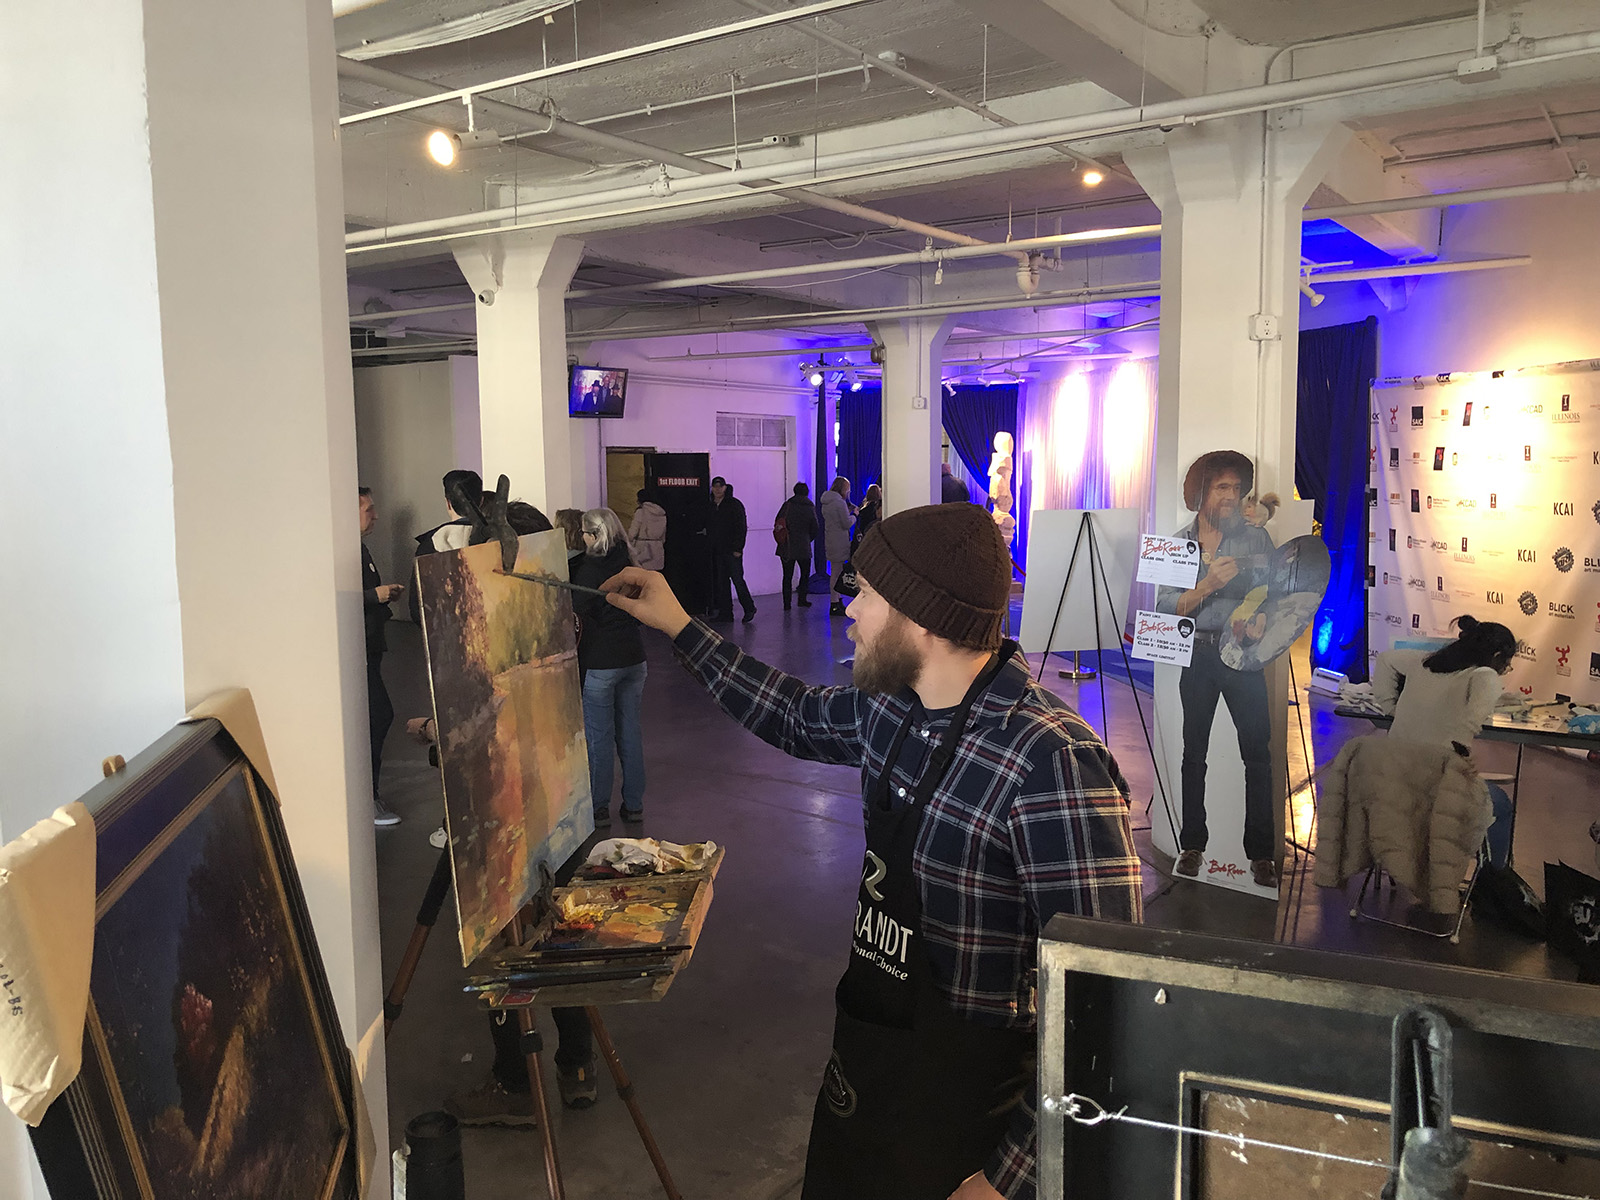 Justin Vining Royal Talens Blick Illinois High School Art Exhibition 04.jpg